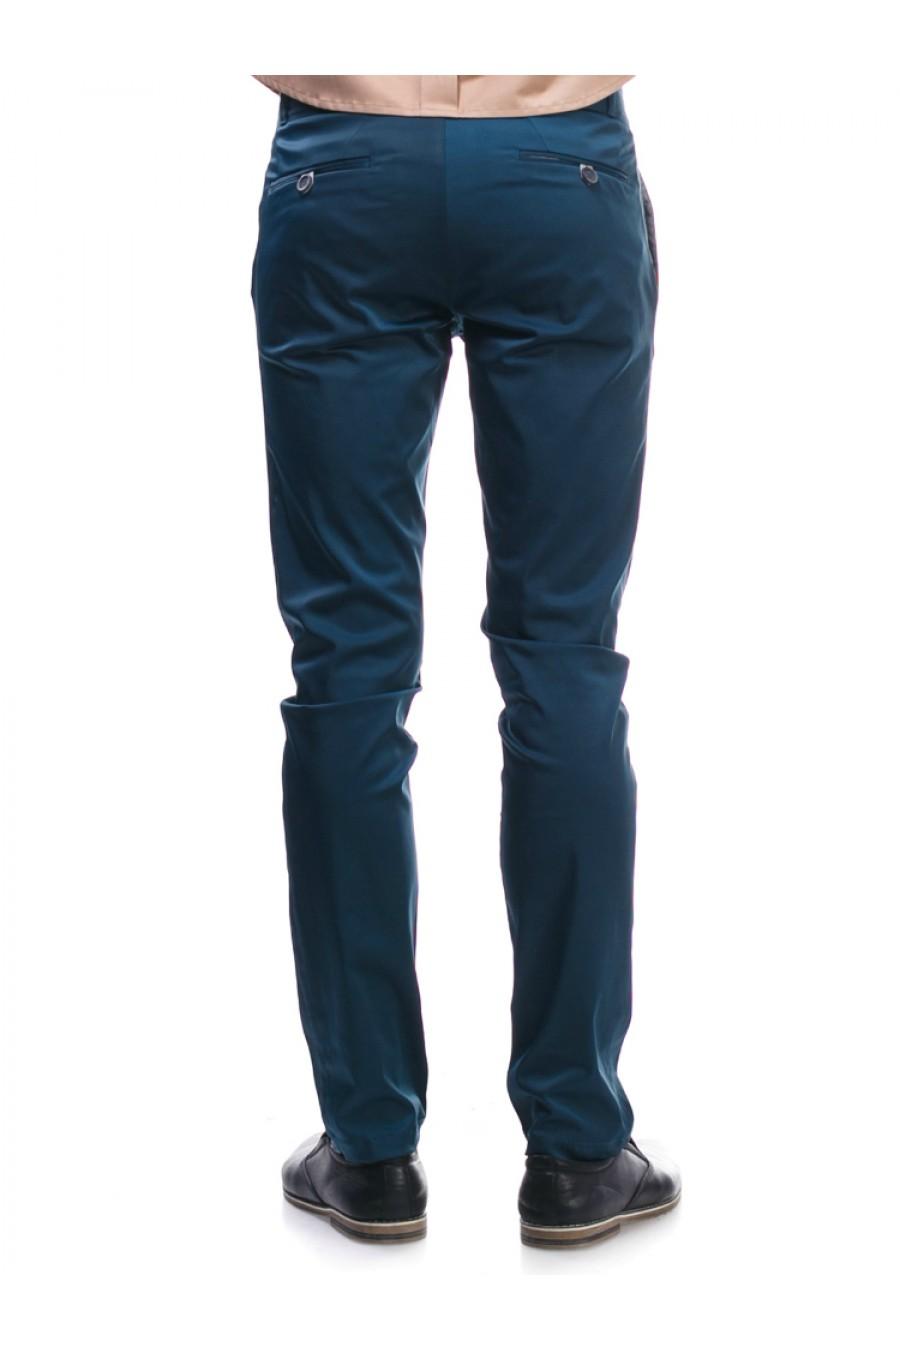 Мужские брюки  Н-007-2